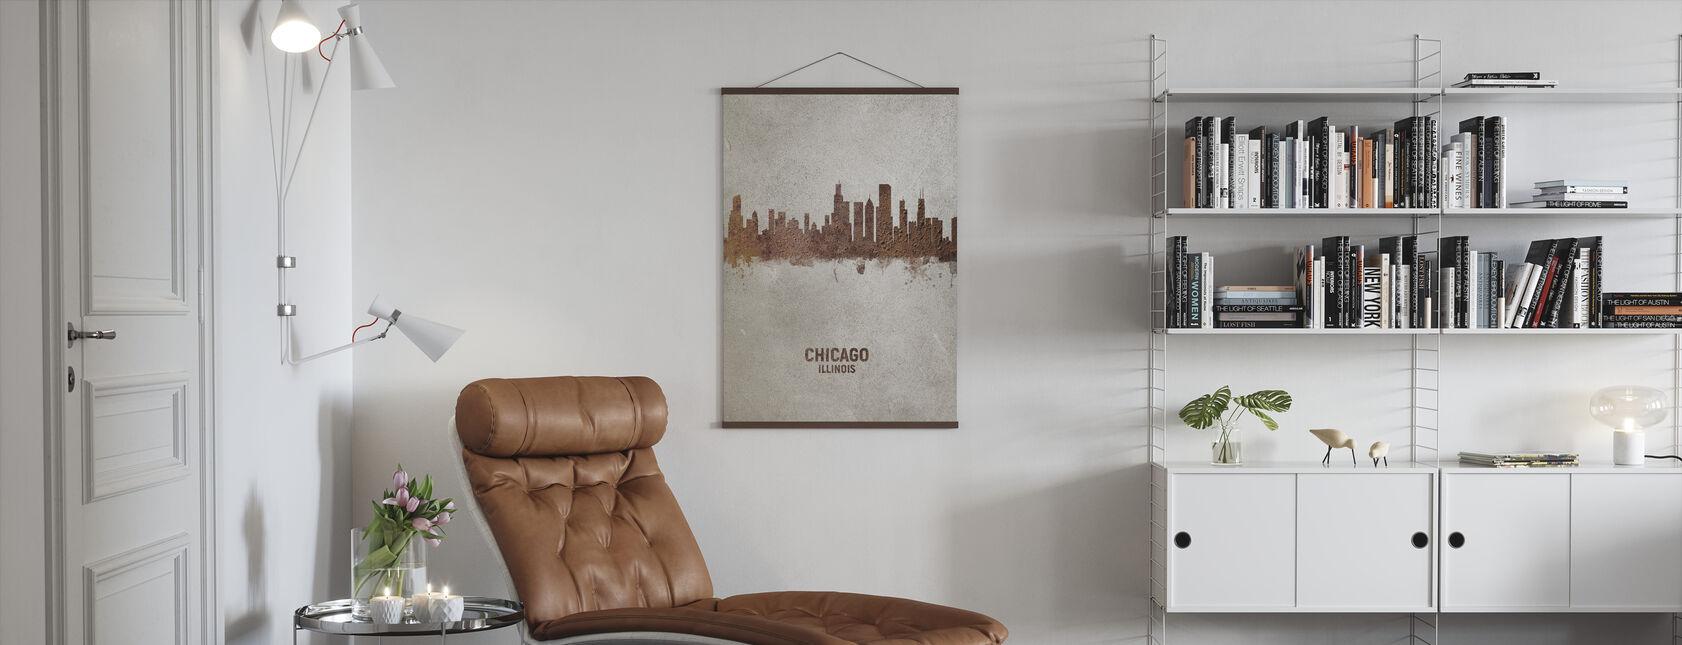 Chicago Illinois - Juliste - Olohuone